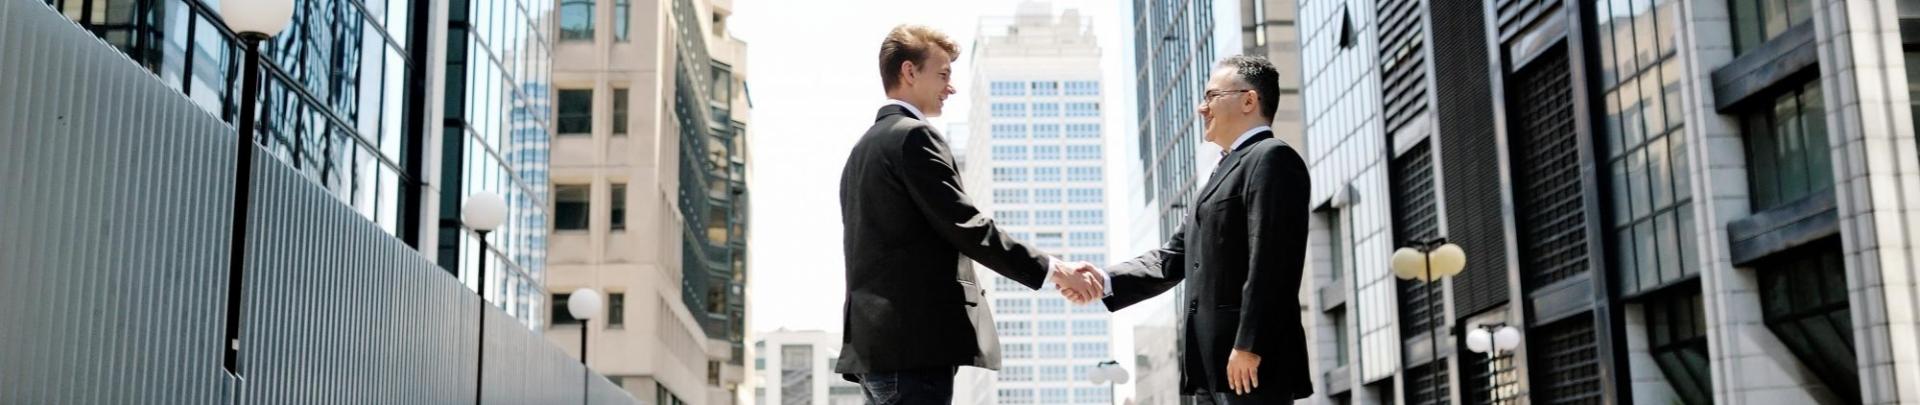 Twee mannen geven elkaar een hand